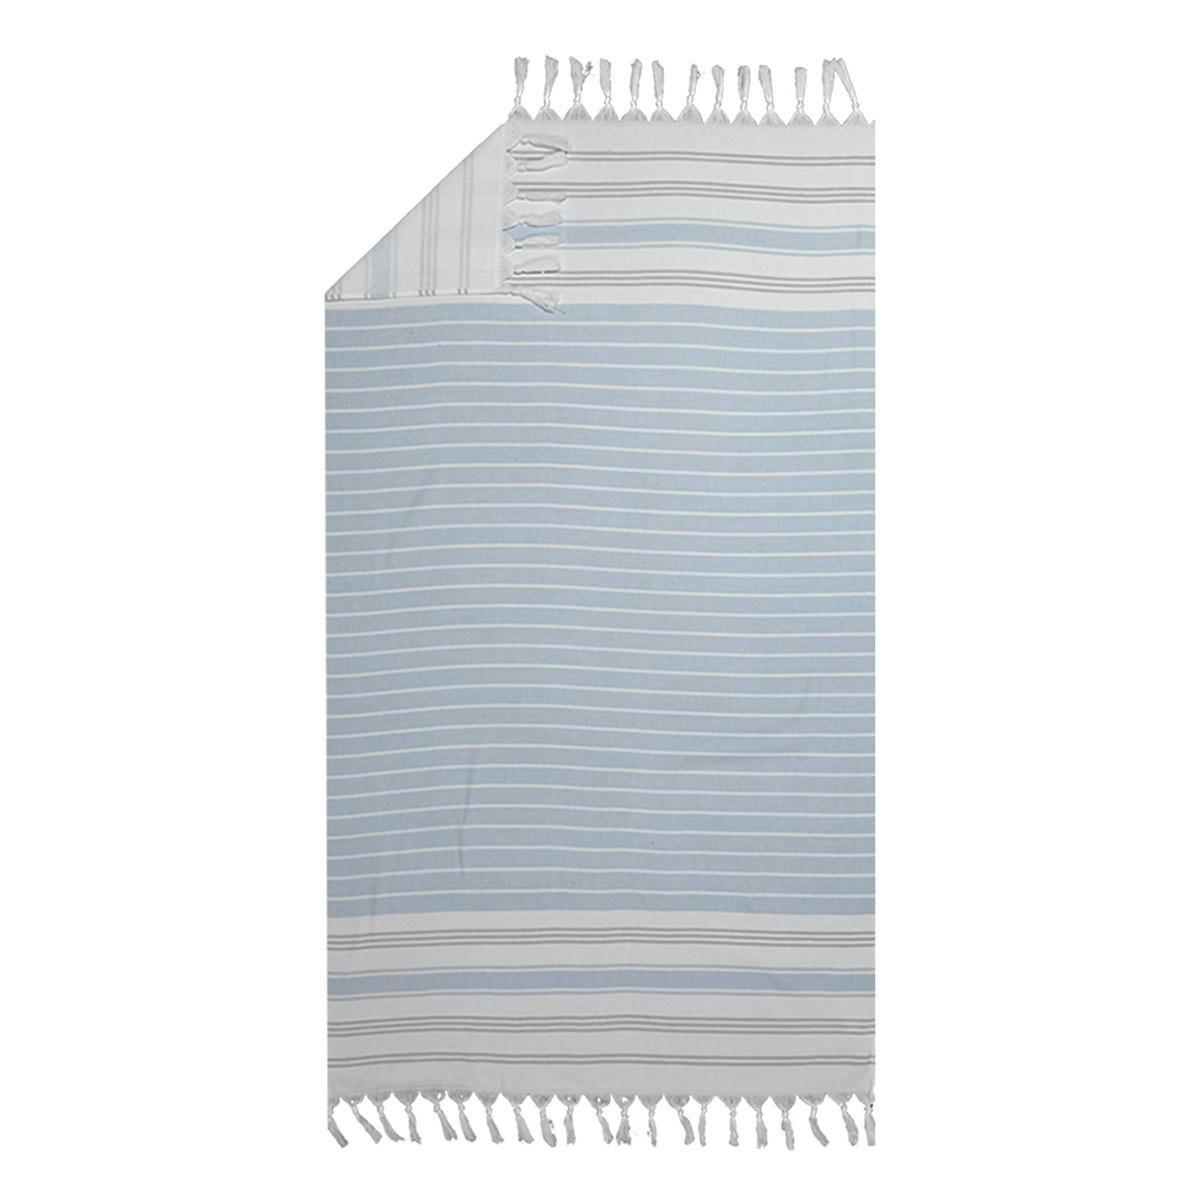 Πετσέτα Θαλάσσης - Παρεό Nef-Nef Repeat Blue home   θαλάσσης   πετσέτες θαλάσσης ενηλίκων